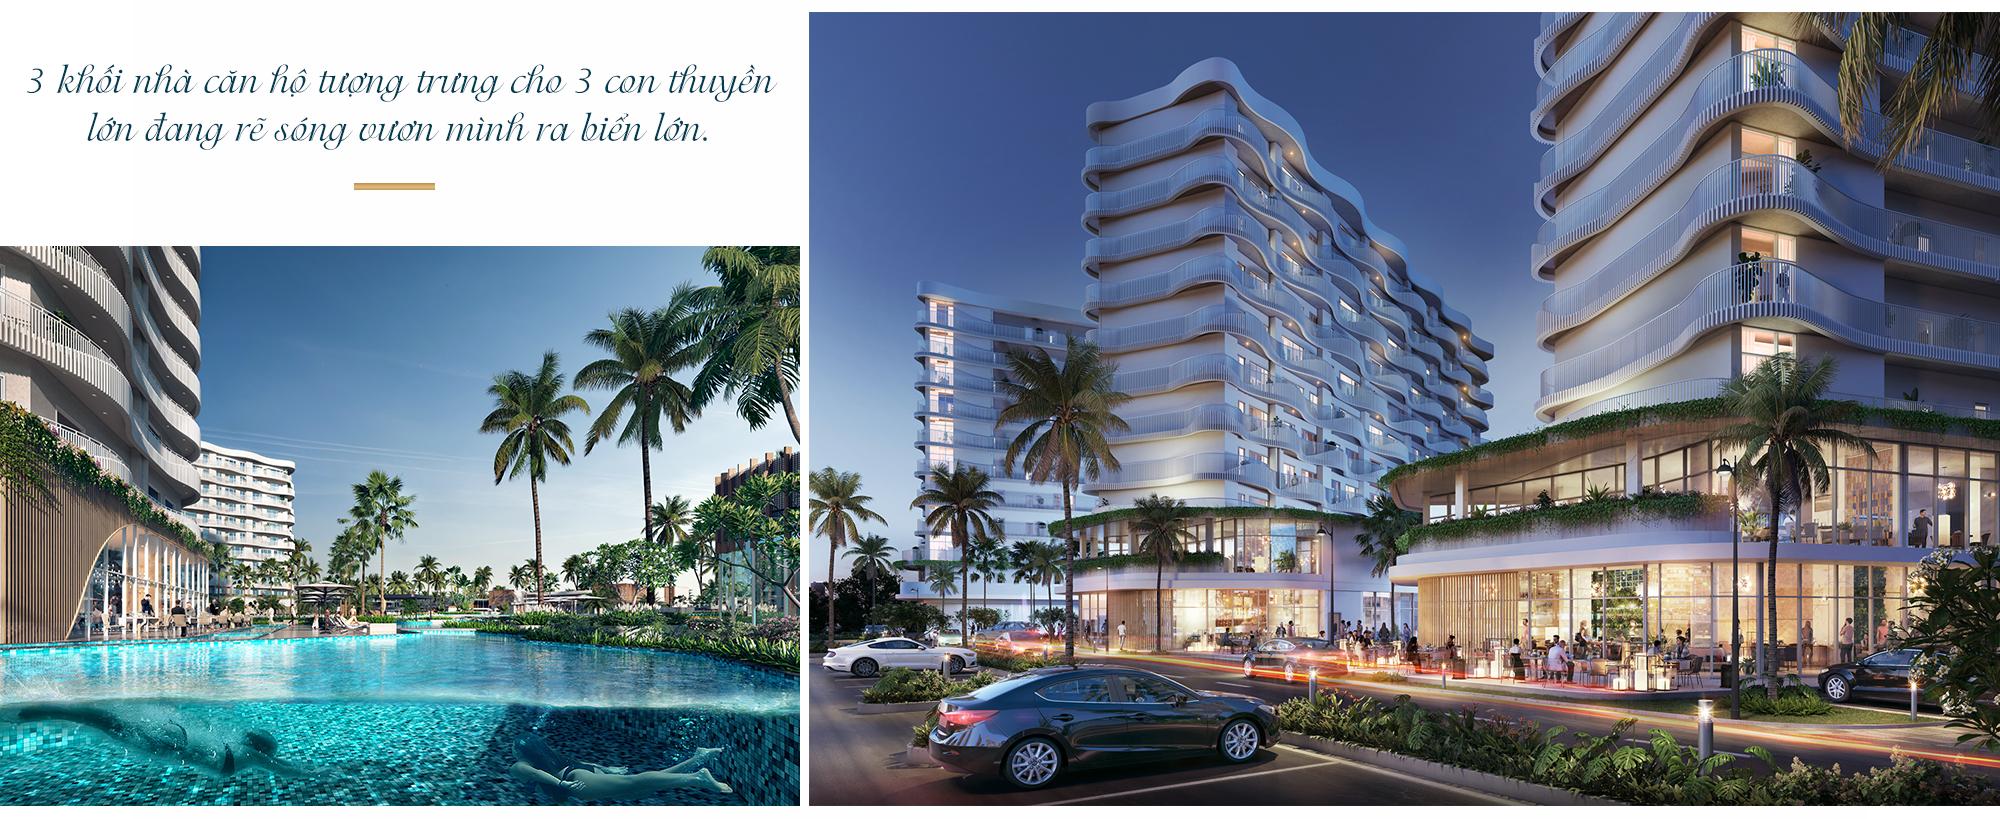 BĐS ven Hội An thắng thế nhờ dòng sản phẩm mới Shantira Beach Resort & Spa - Ảnh 9.